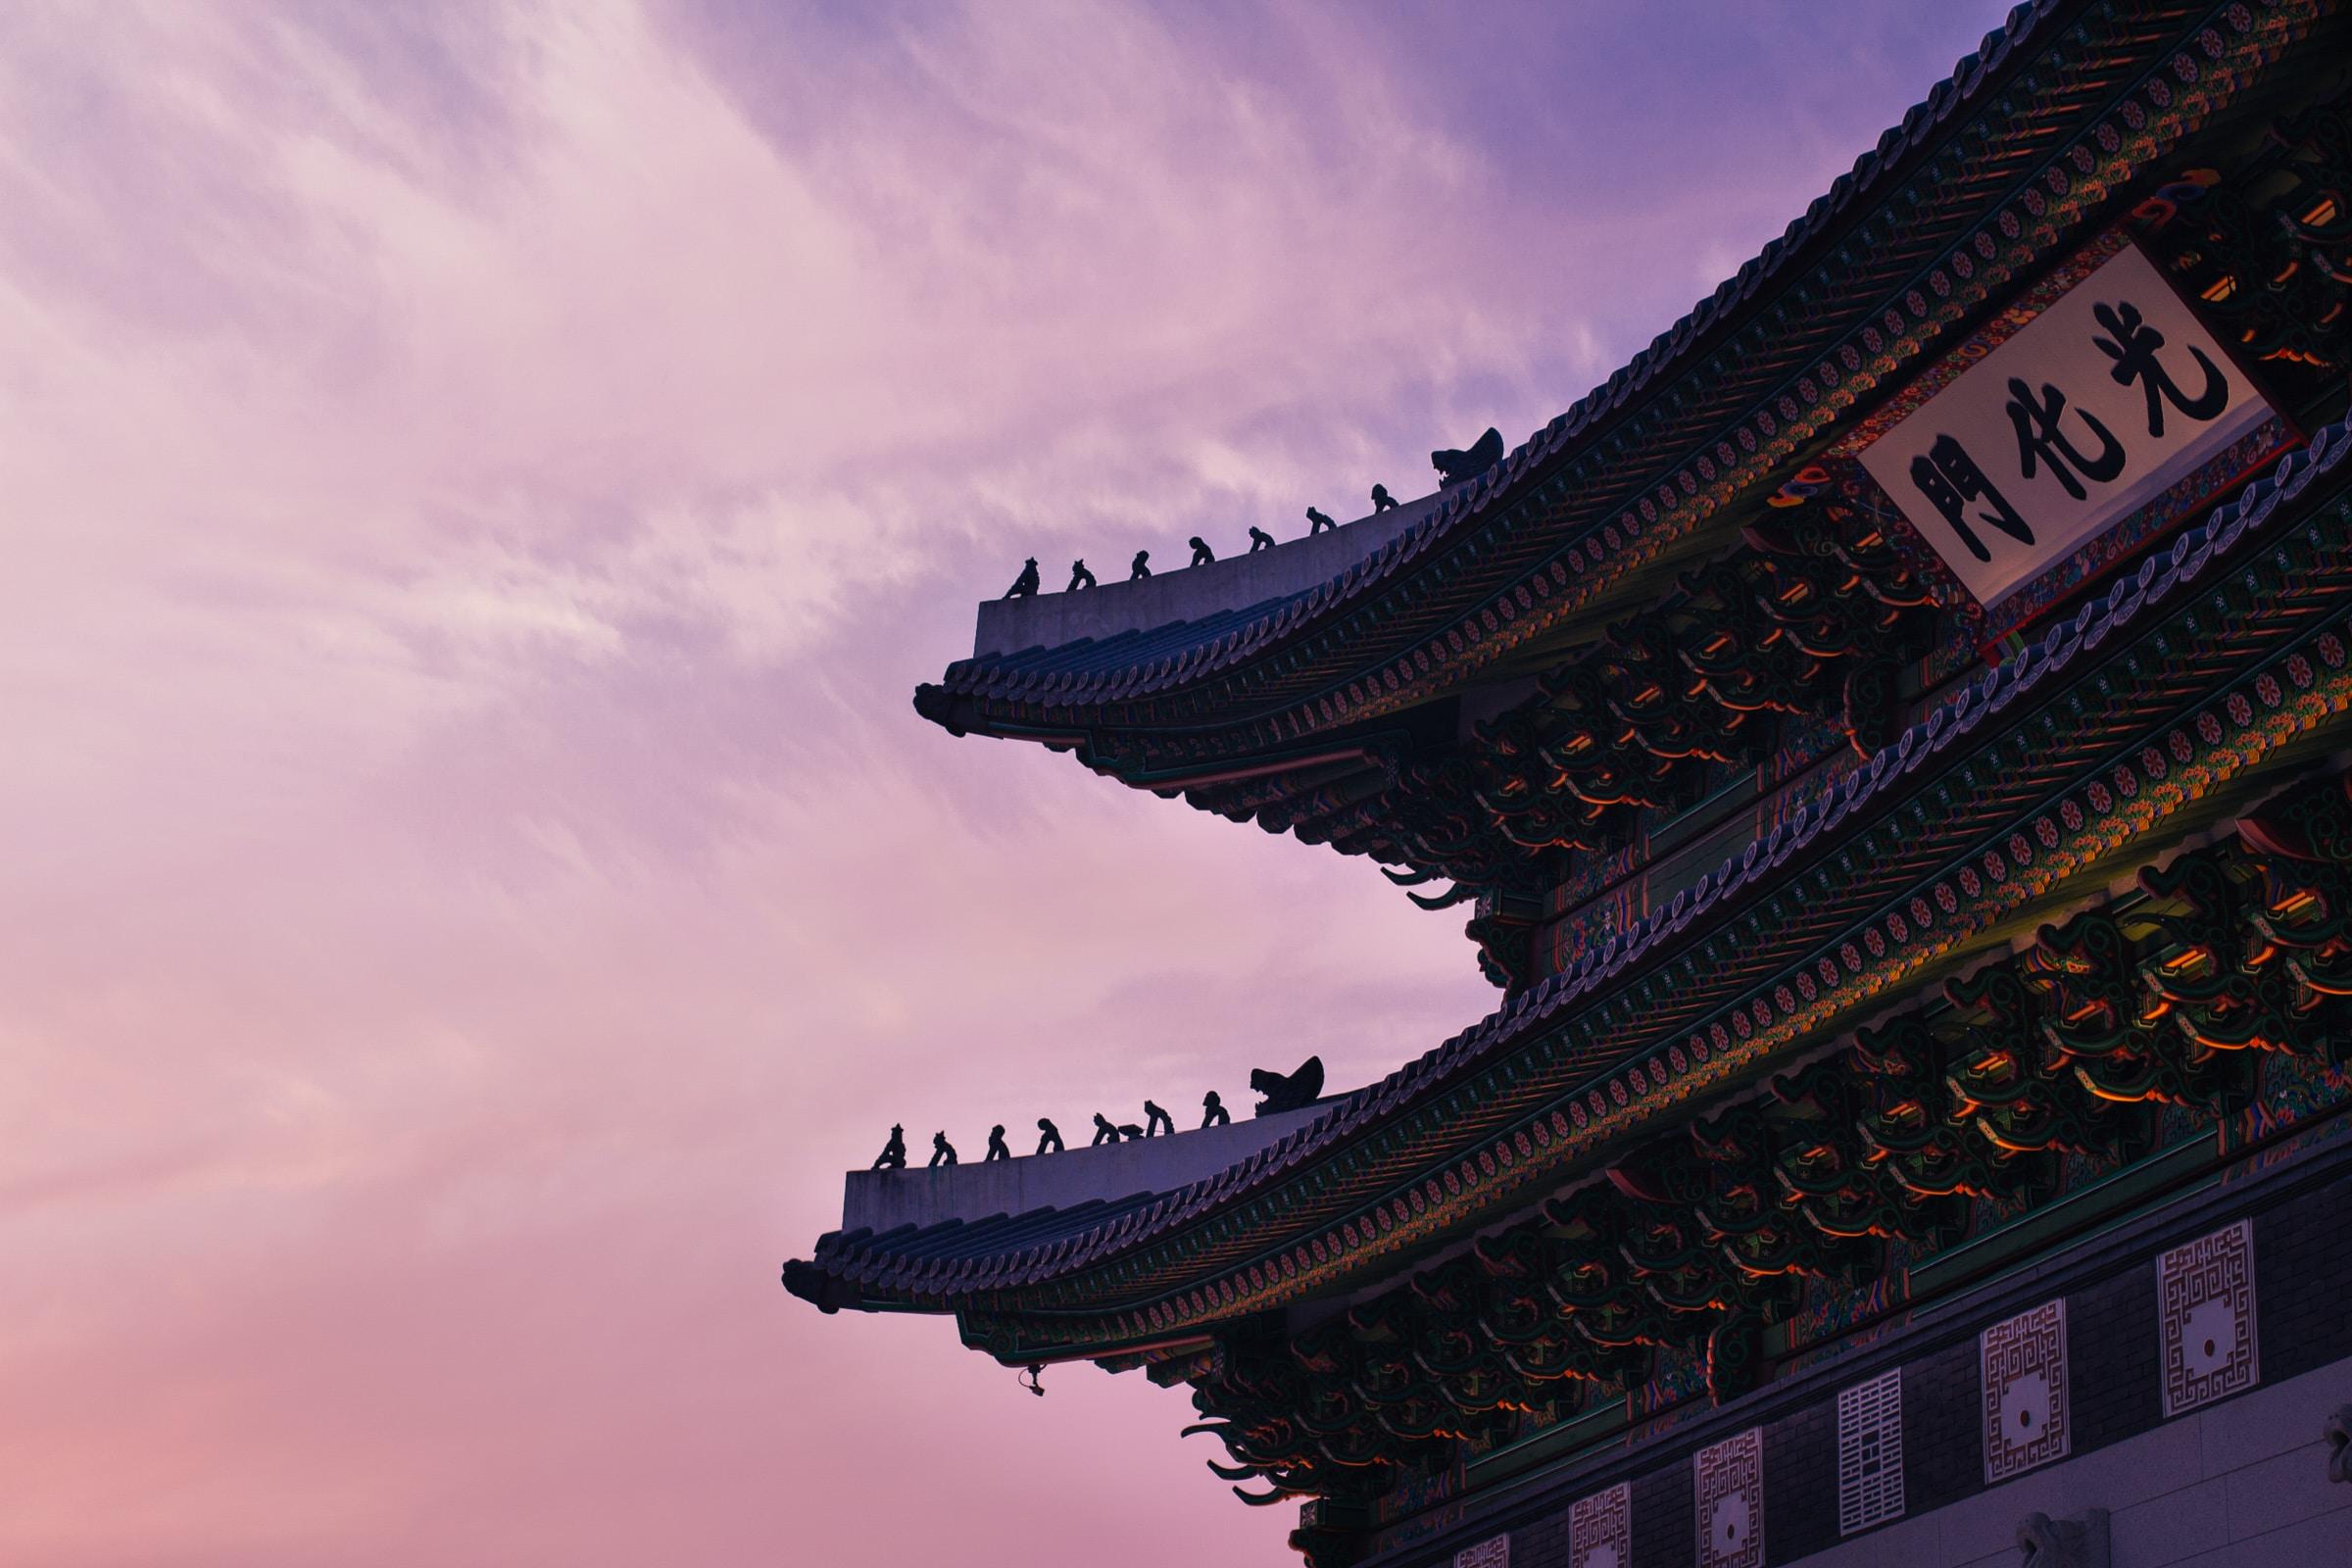 photo of tori gate